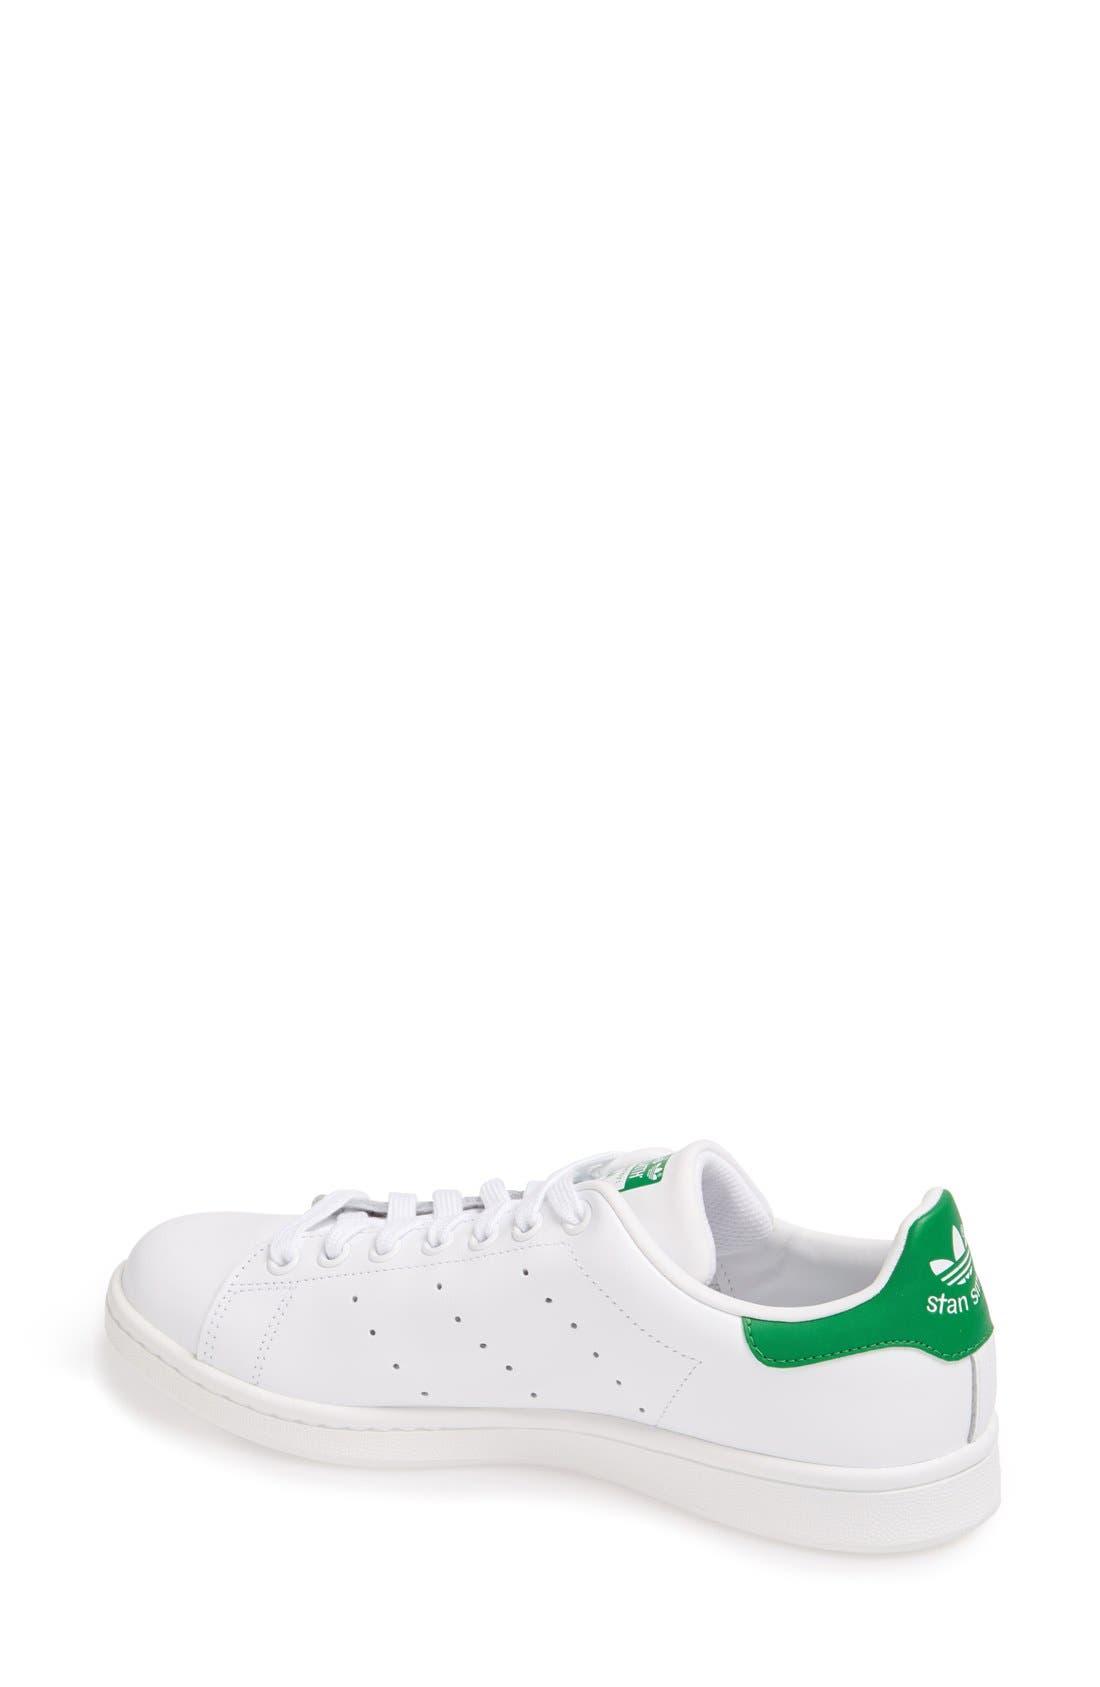 'Stan Smith' Sneaker,                             Alternate thumbnail 4, color,                             WHITE/ FAIRWAY